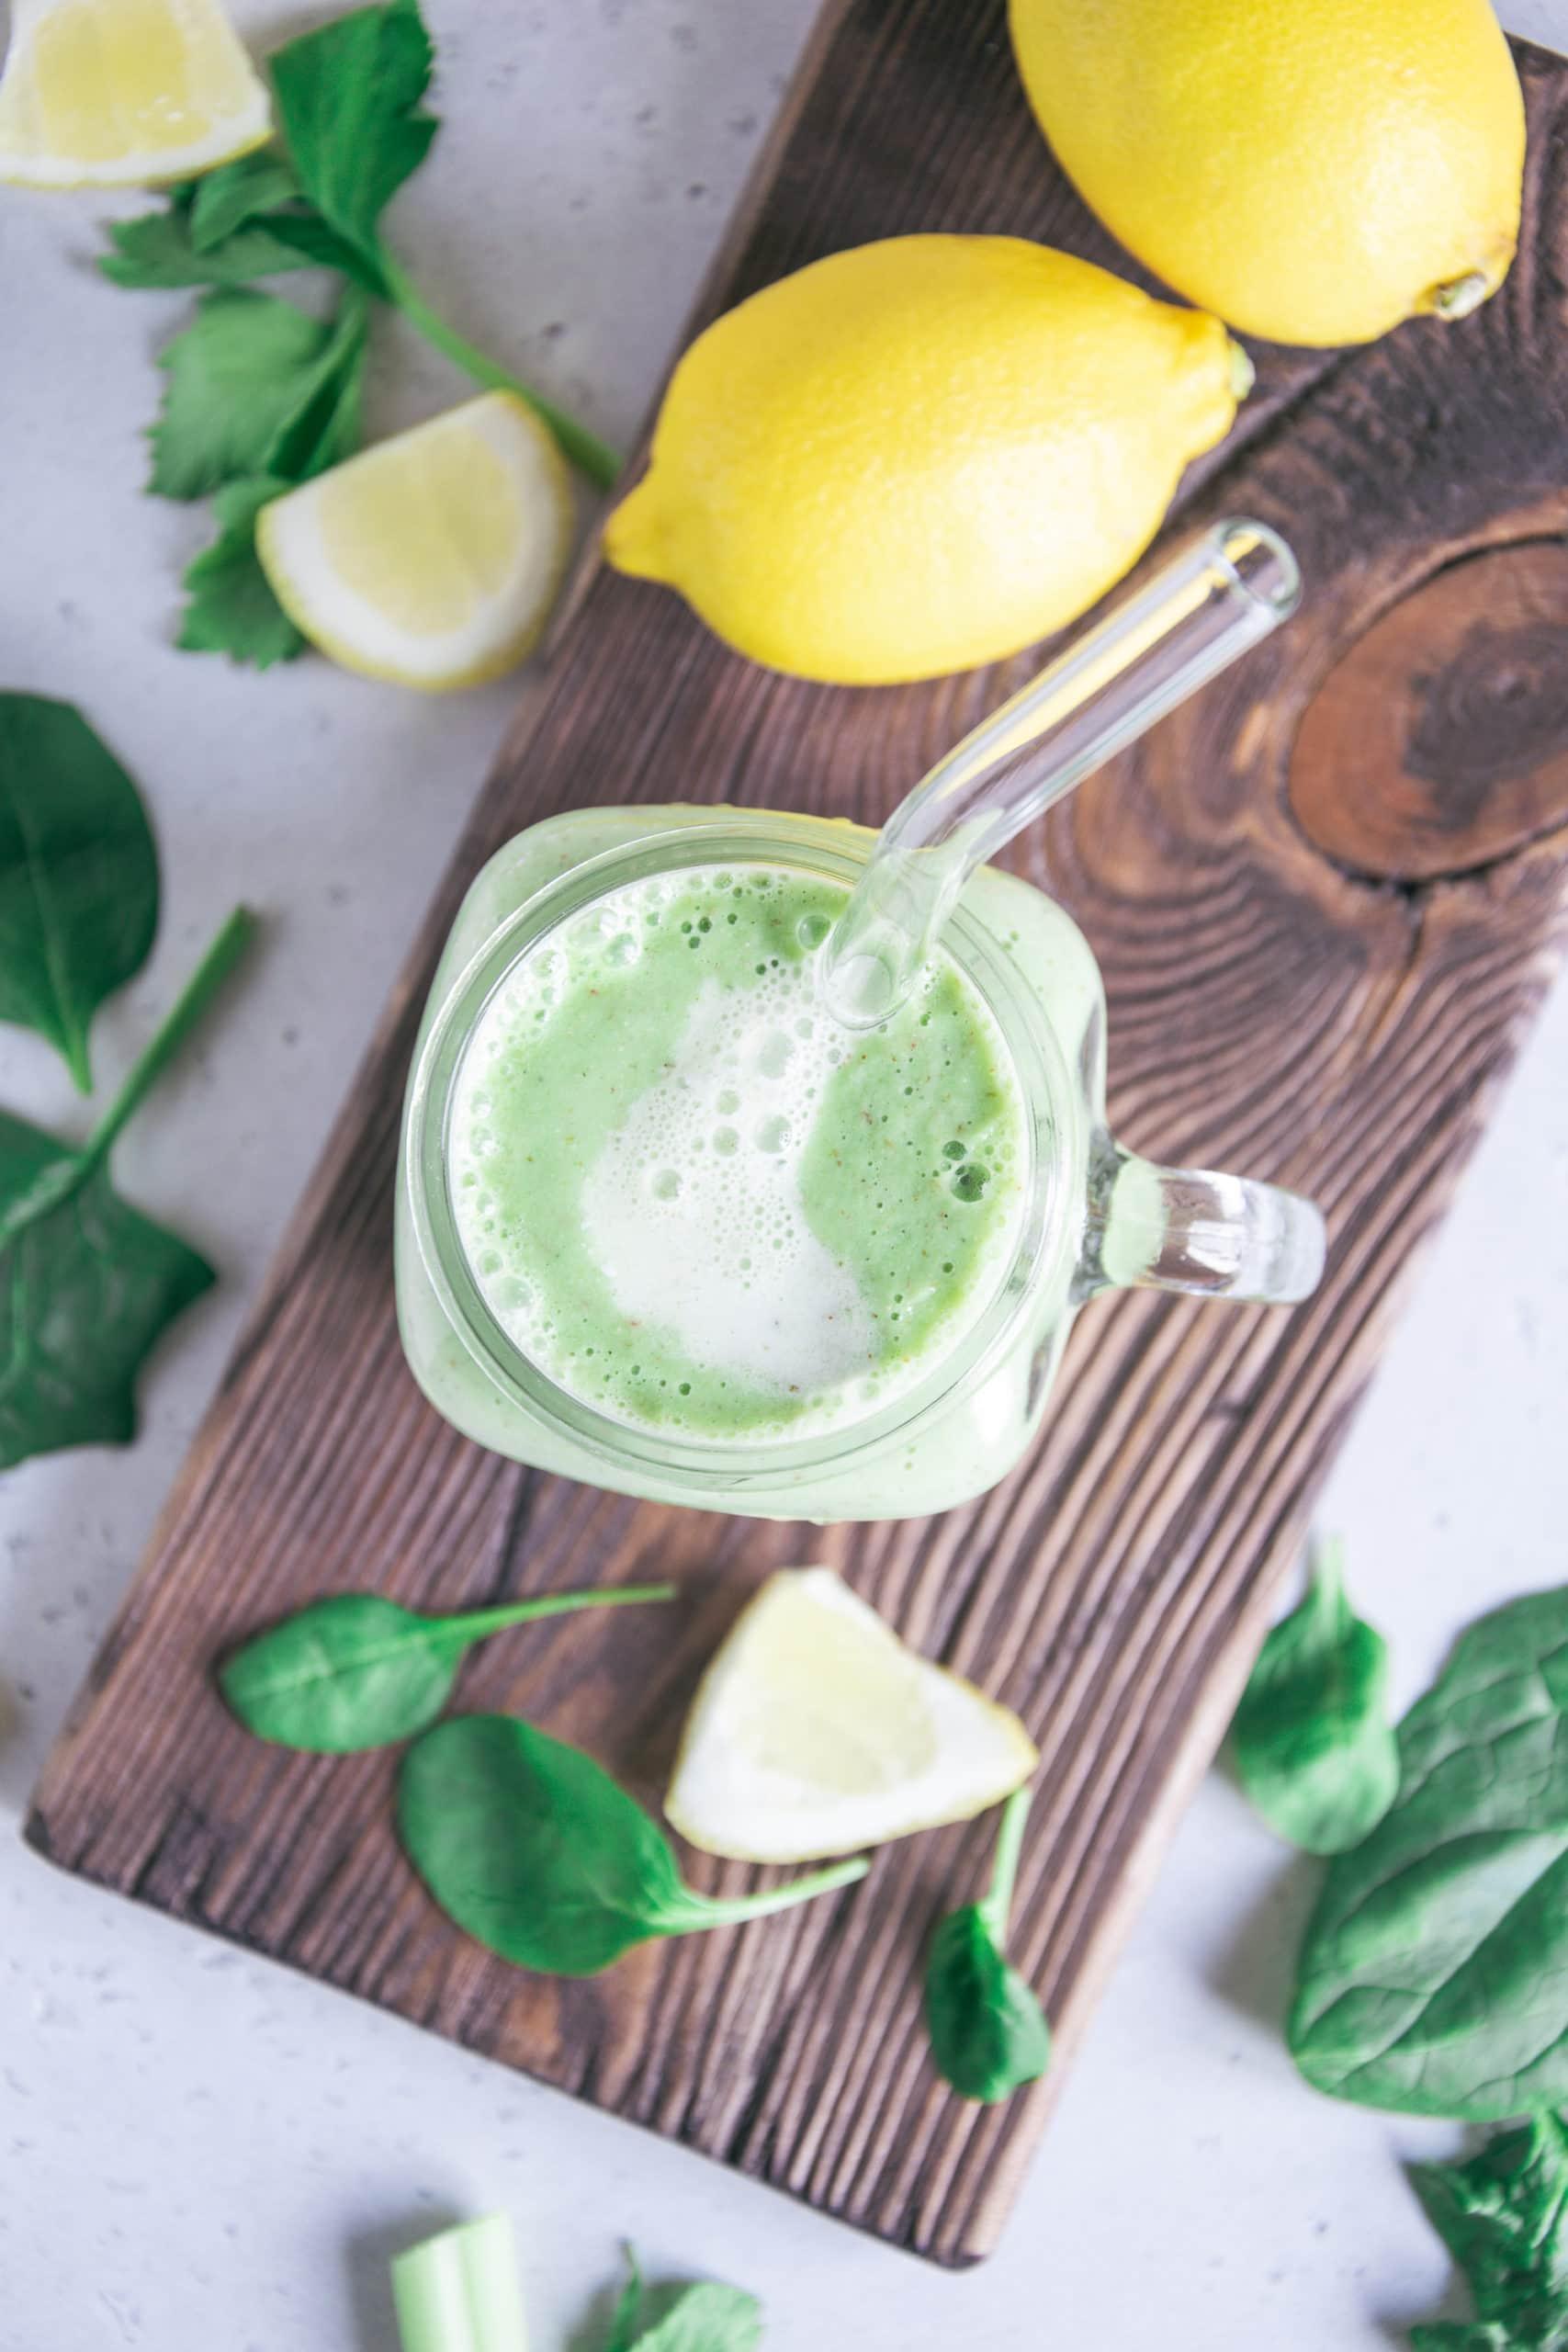 Ein Glas Grüner Smoothie für die Darmgesundheit von oben fotografiert. Rustikales Holzbrett als Untergrund. Smoothie marmoriert mit Mandelmilch. Spinatblätter und Zitronen als Dekoration.